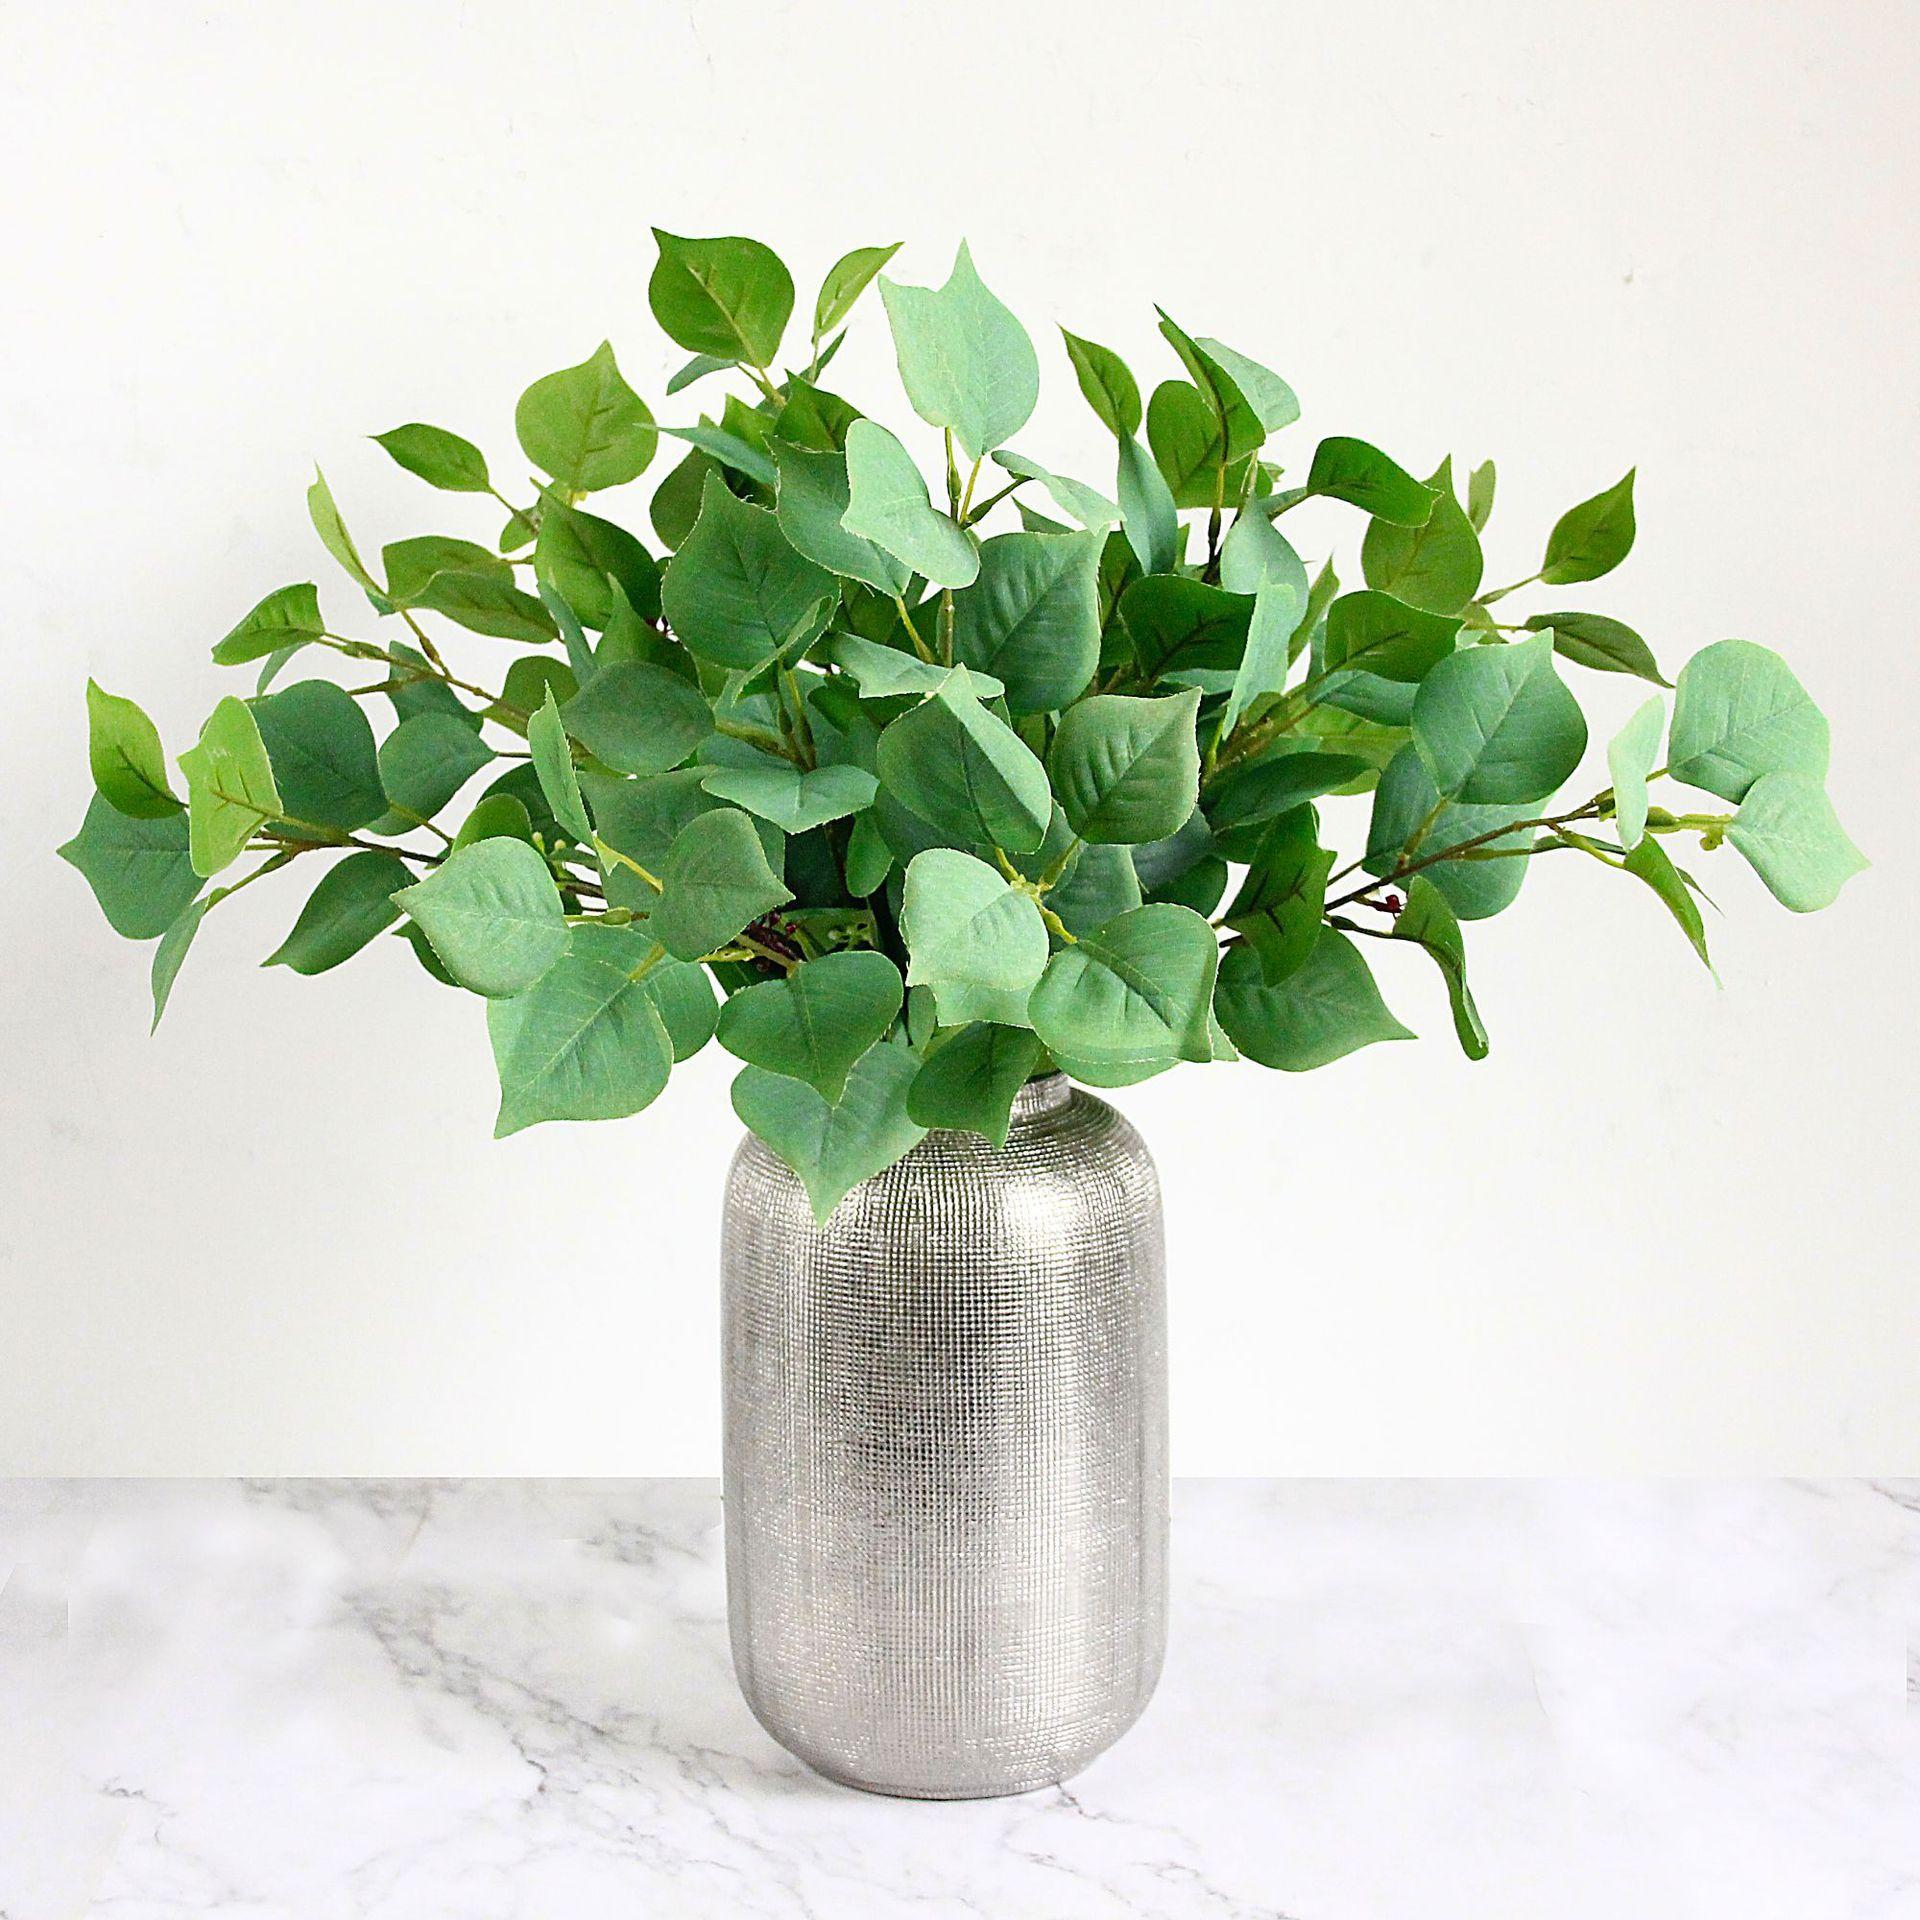 5Pcs simulazione di Apple Leaf 3 Forchette di seta verde foglie di falsi Impianti di decorazione giardino della casa della parete del fiore di nozze Sfondo Ramo Foglia